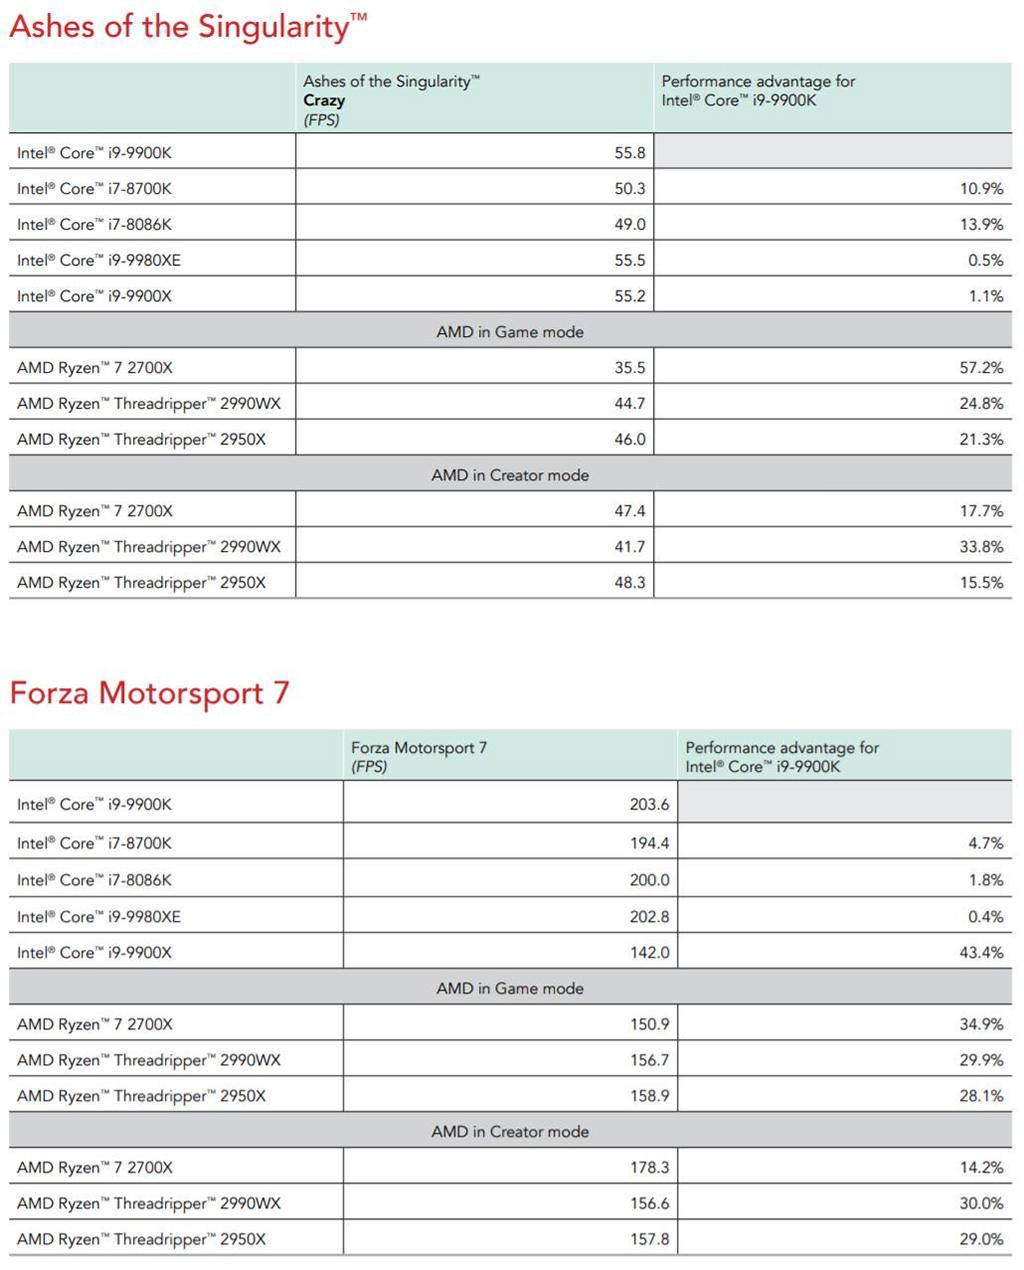 По новым данным Intel Core i9-9900K всего на 12% быстрее AMD Ryzen 7 2700X (будучи на 66% дороже)